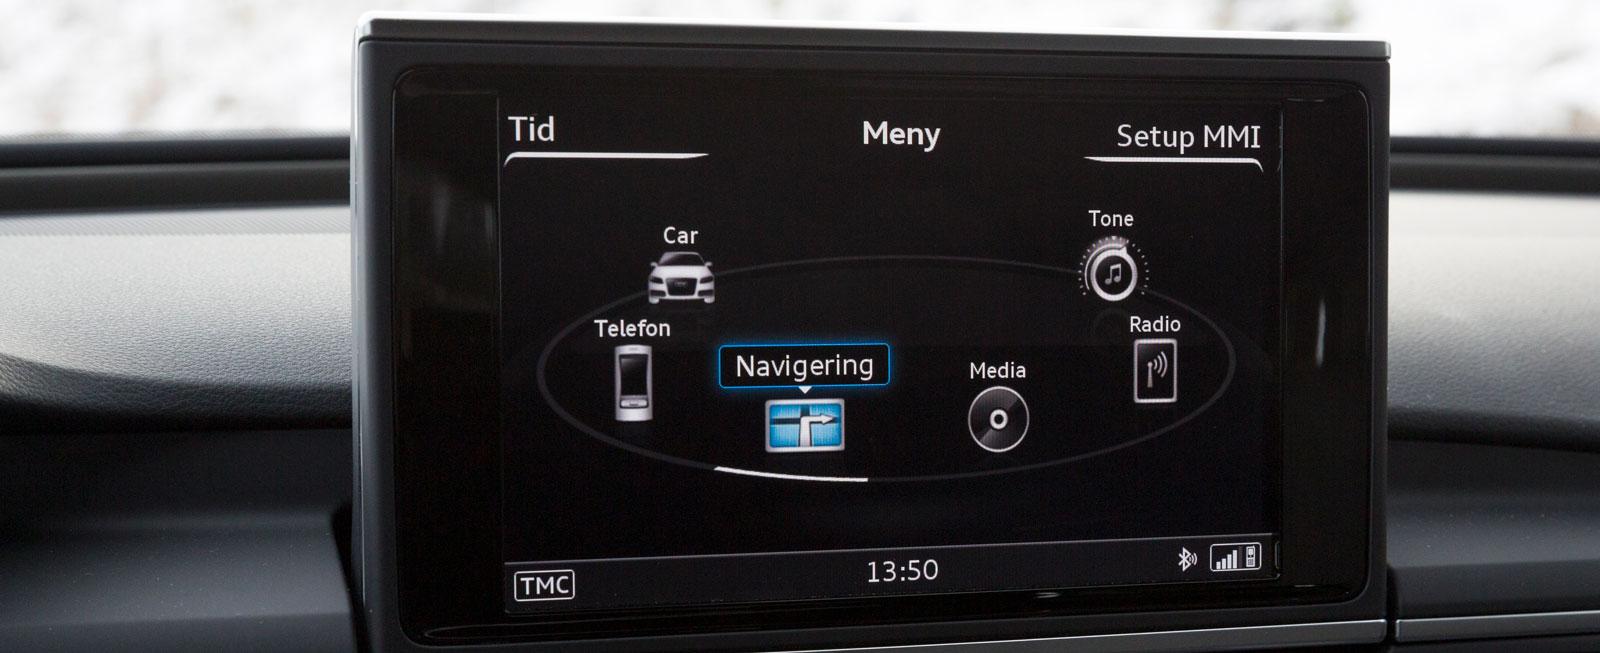 Audi har ett lättmanövrerat infotainment via sitt MMI-vred och snabbknappar, dock aningen skymda. Mot tillägg skrivplatta/snabbval för radiostationer.